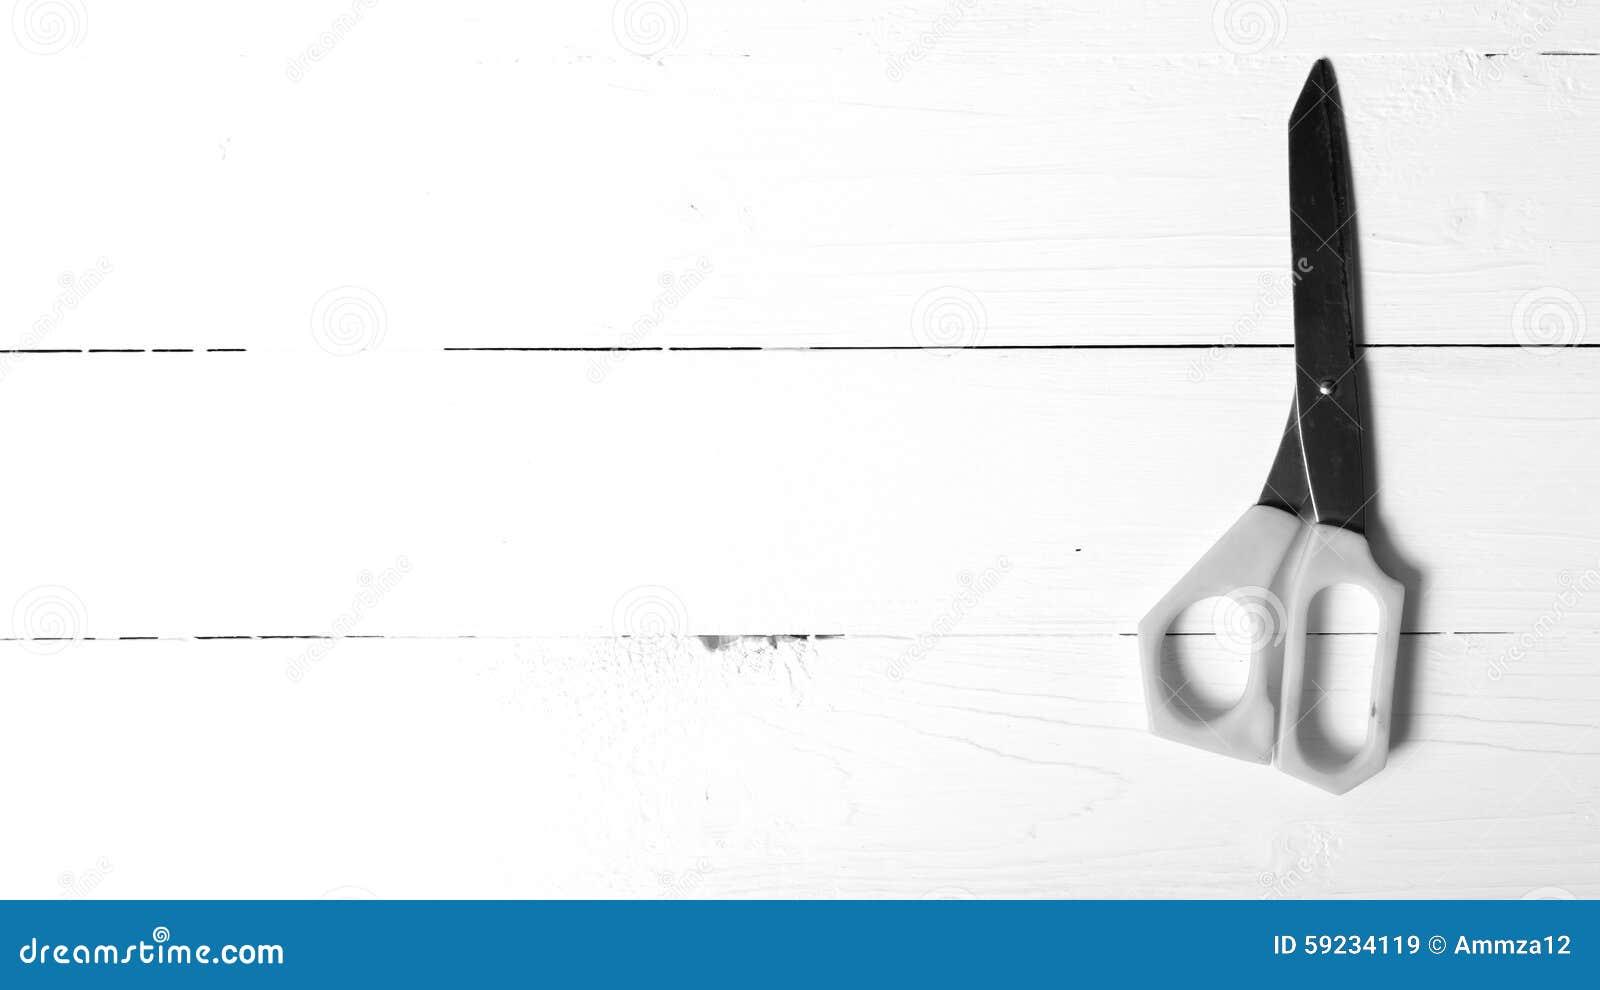 Download Scissors Estilo Blanco Y Negro Del Color De Tono Imagen de archivo - Imagen de arte, producto: 59234119